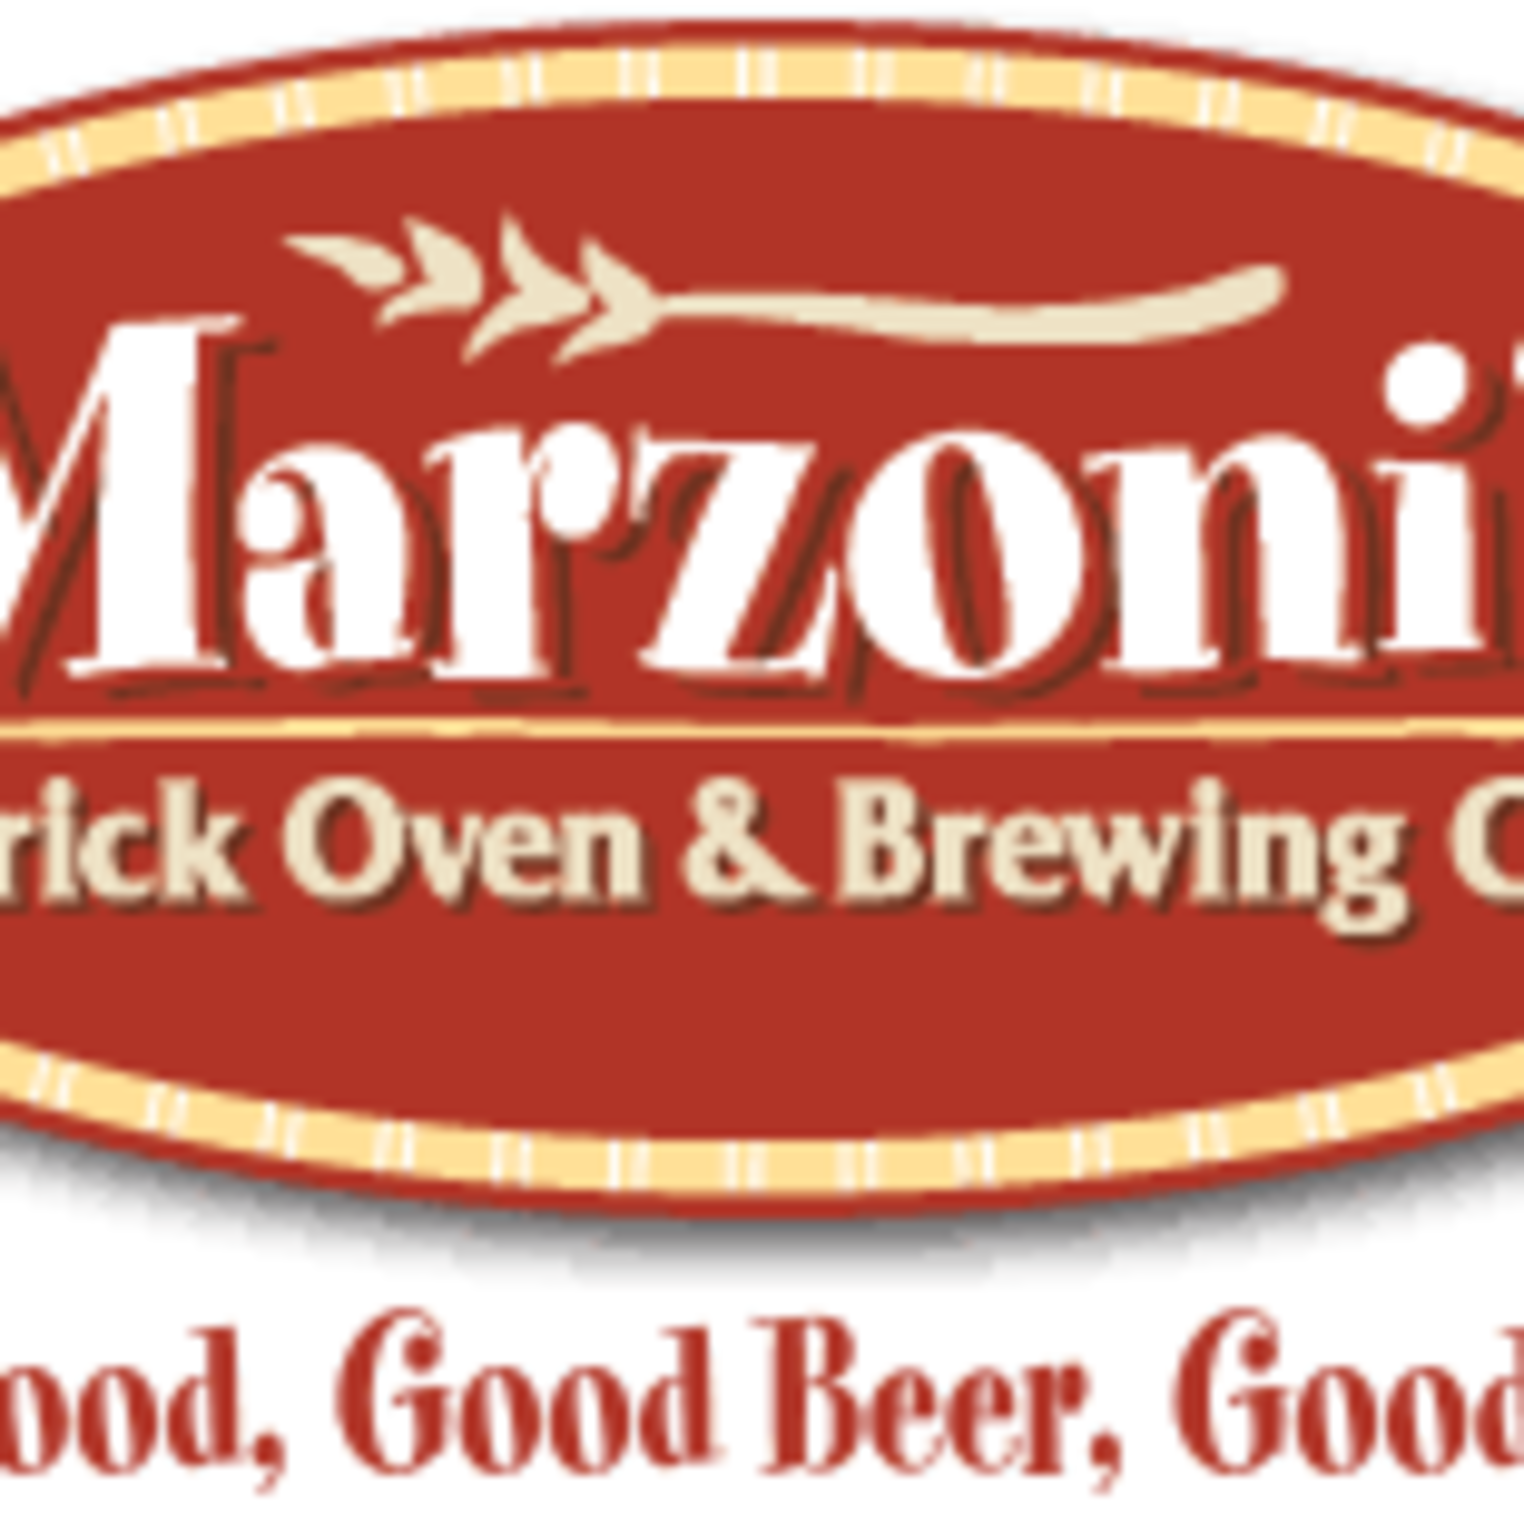 Marzoni's